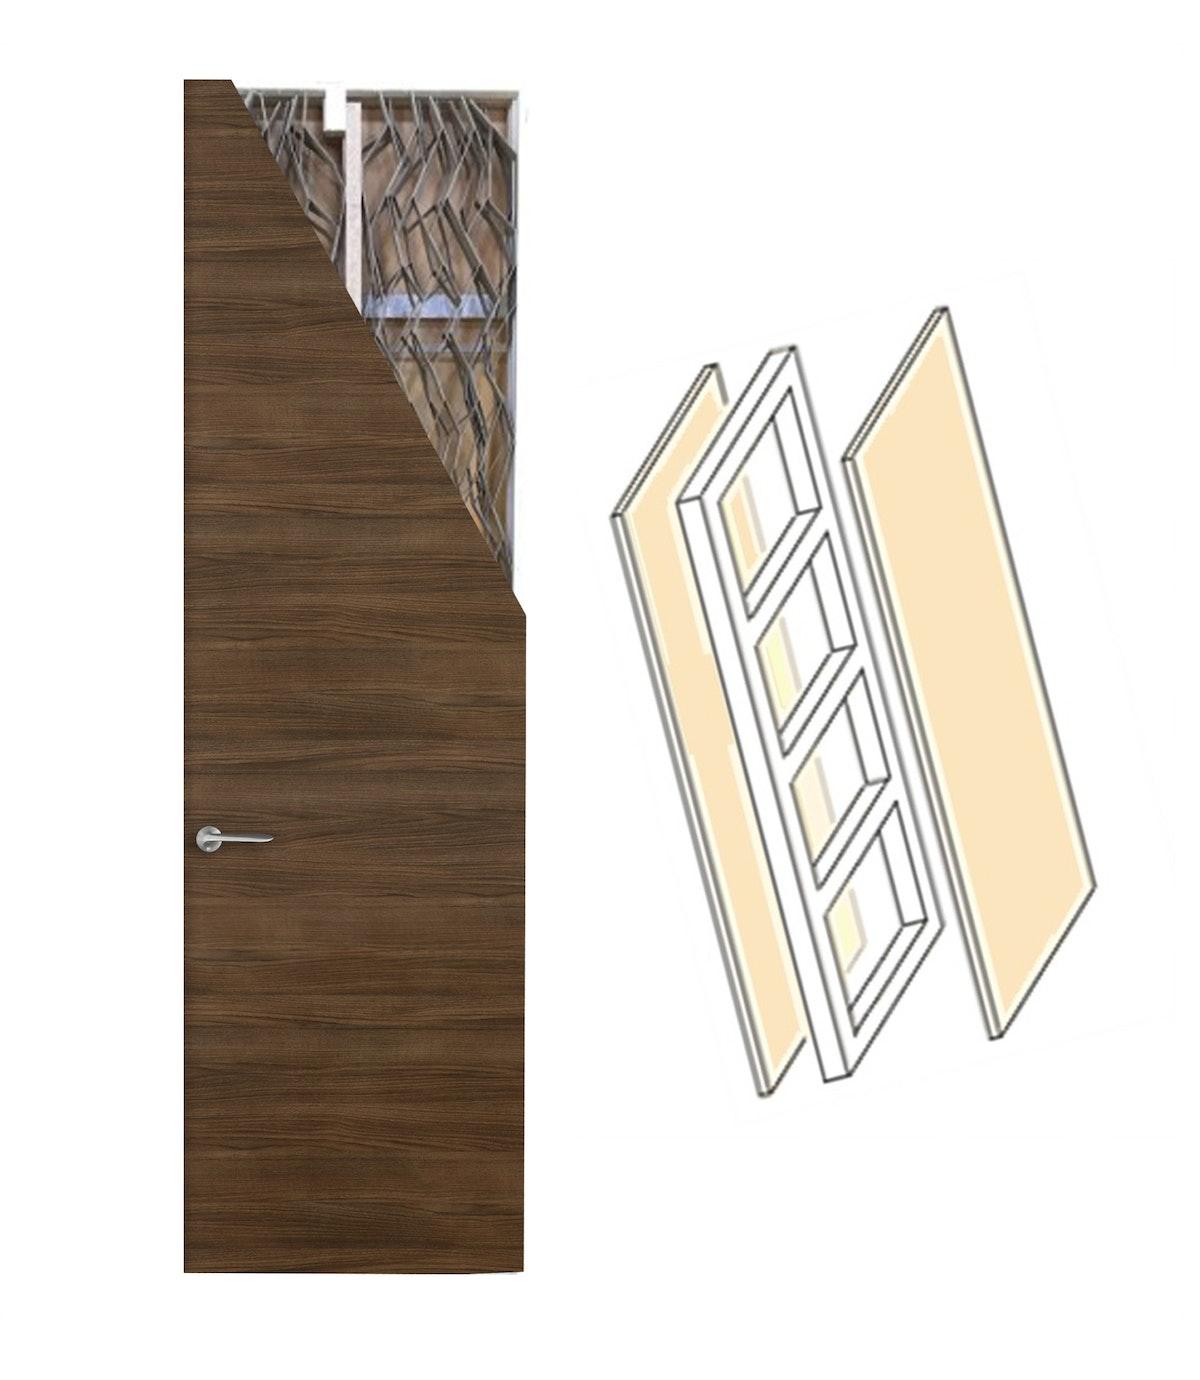 木製ドア フラッシュドアの構造 ドア注文